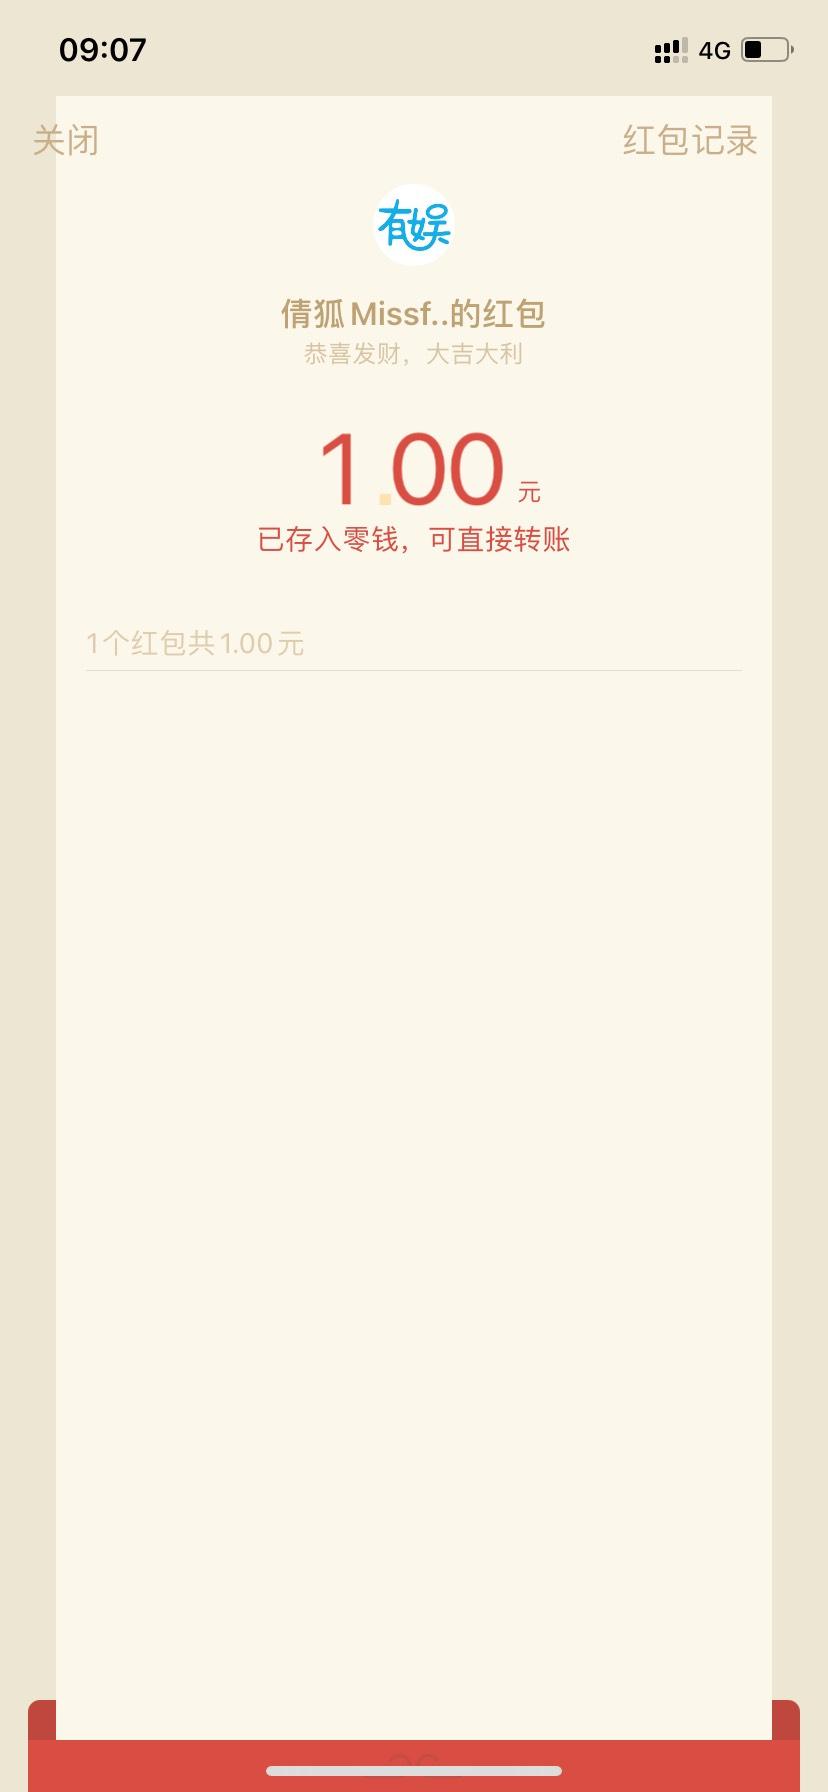 【活动介绍】倩狐Missfox感恩游戏抽红包